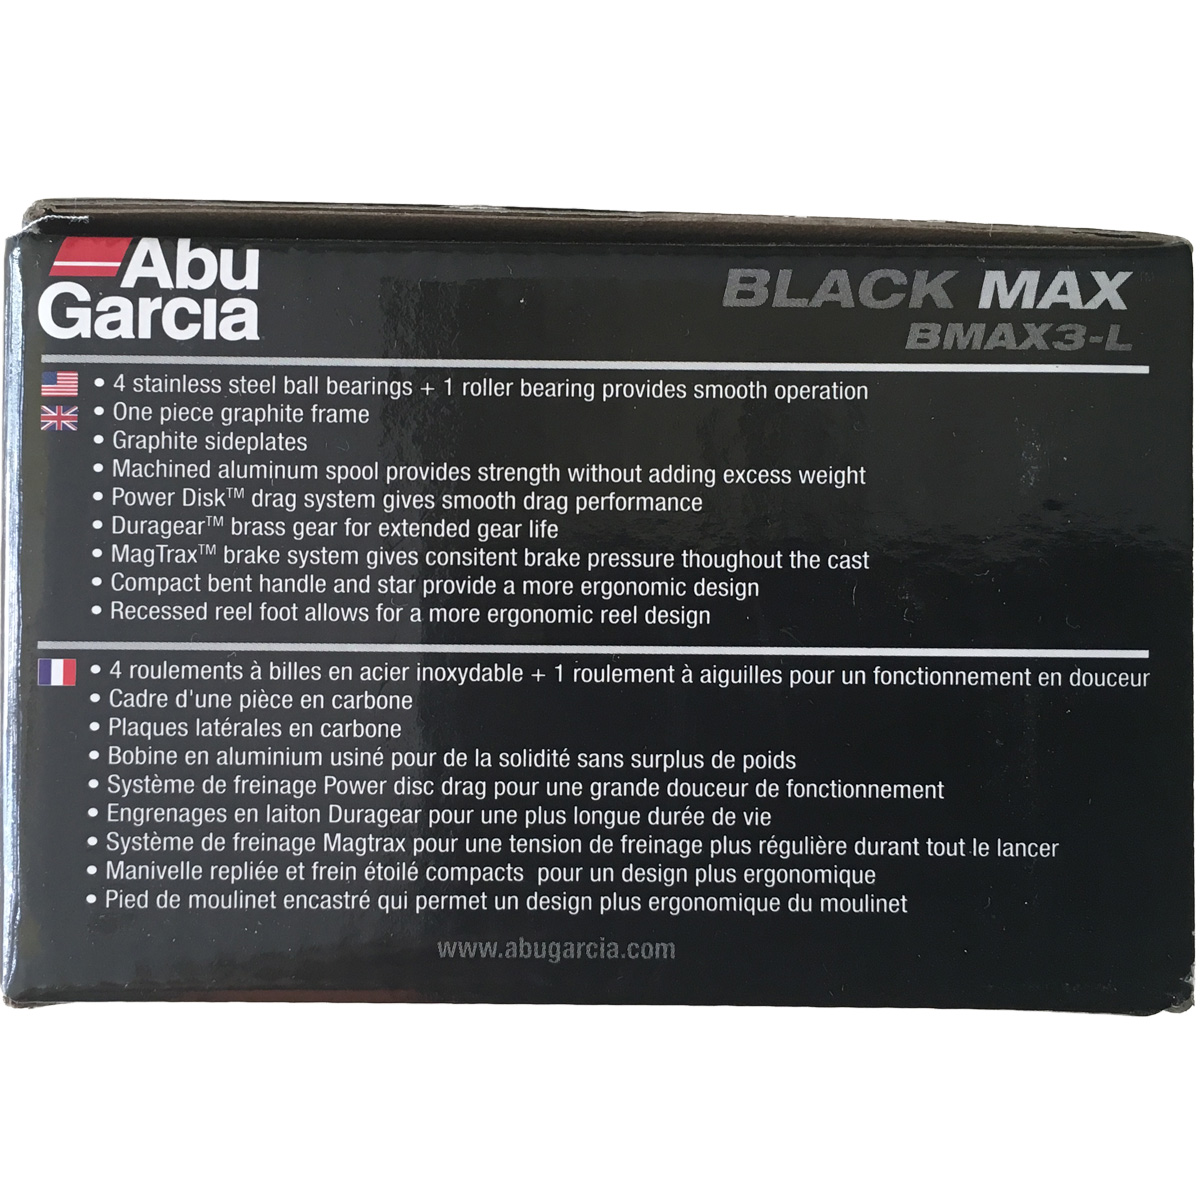 Máy Câu Ngang Abu Garcia Black Max 3 LeftBH 1 Năm Chính Hãng